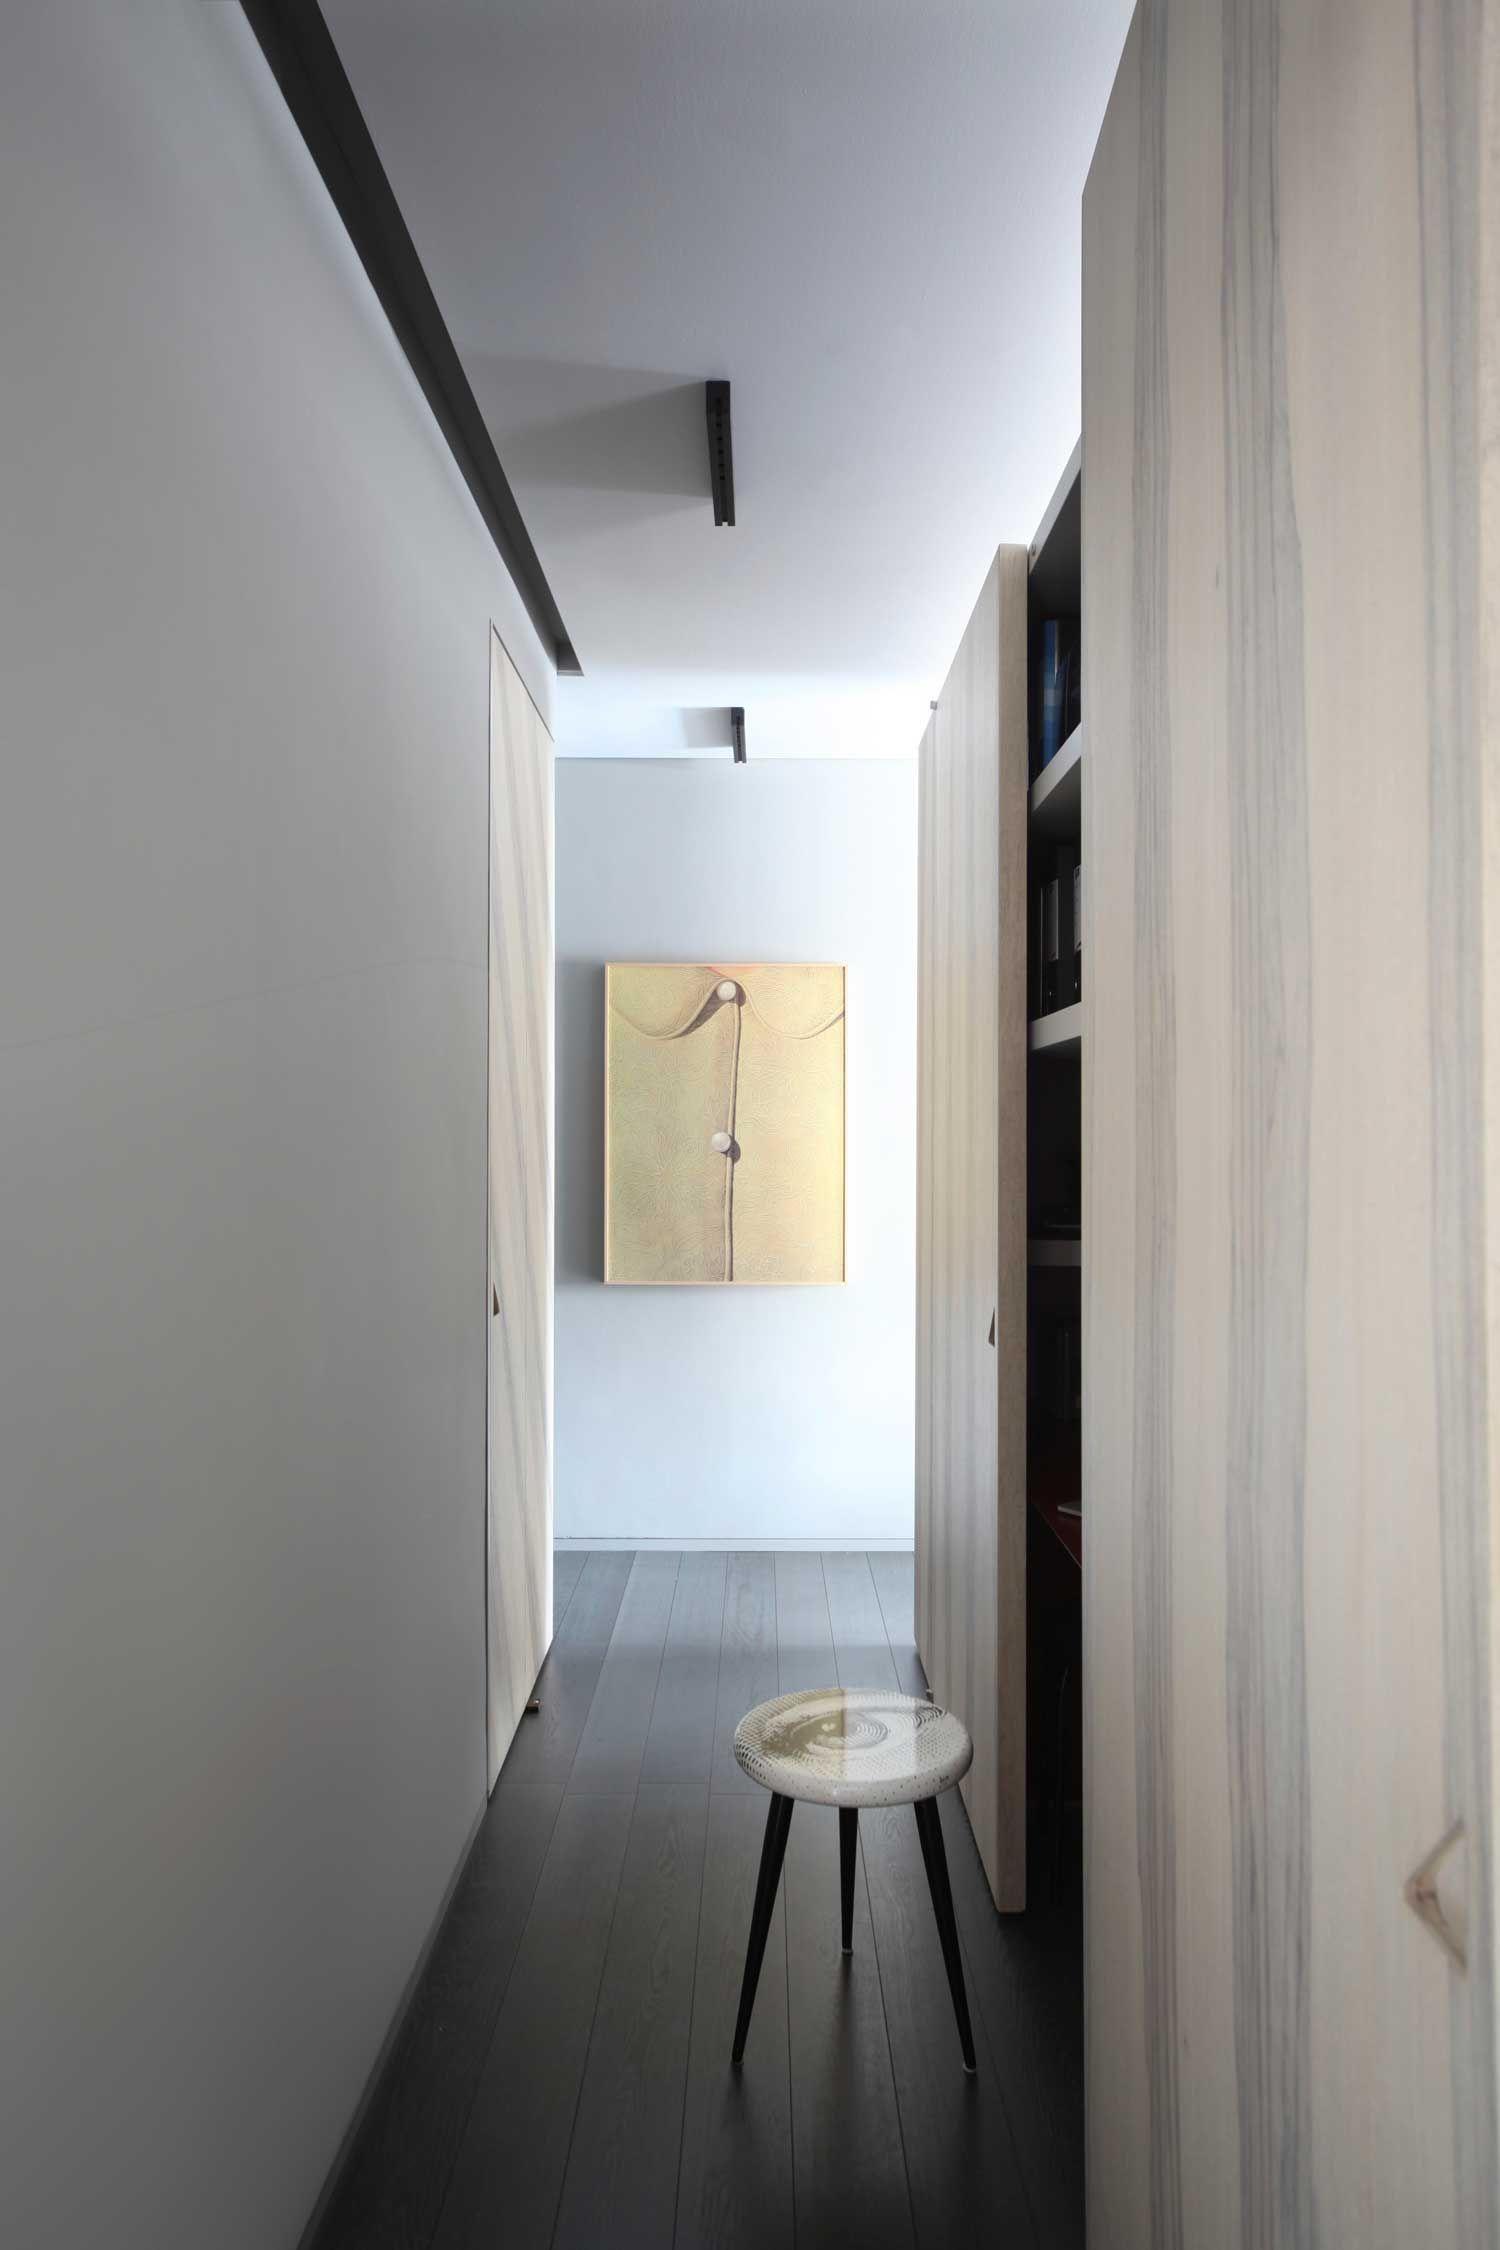 Tappeti Bagno Su Misura Torino pin su uda architetti